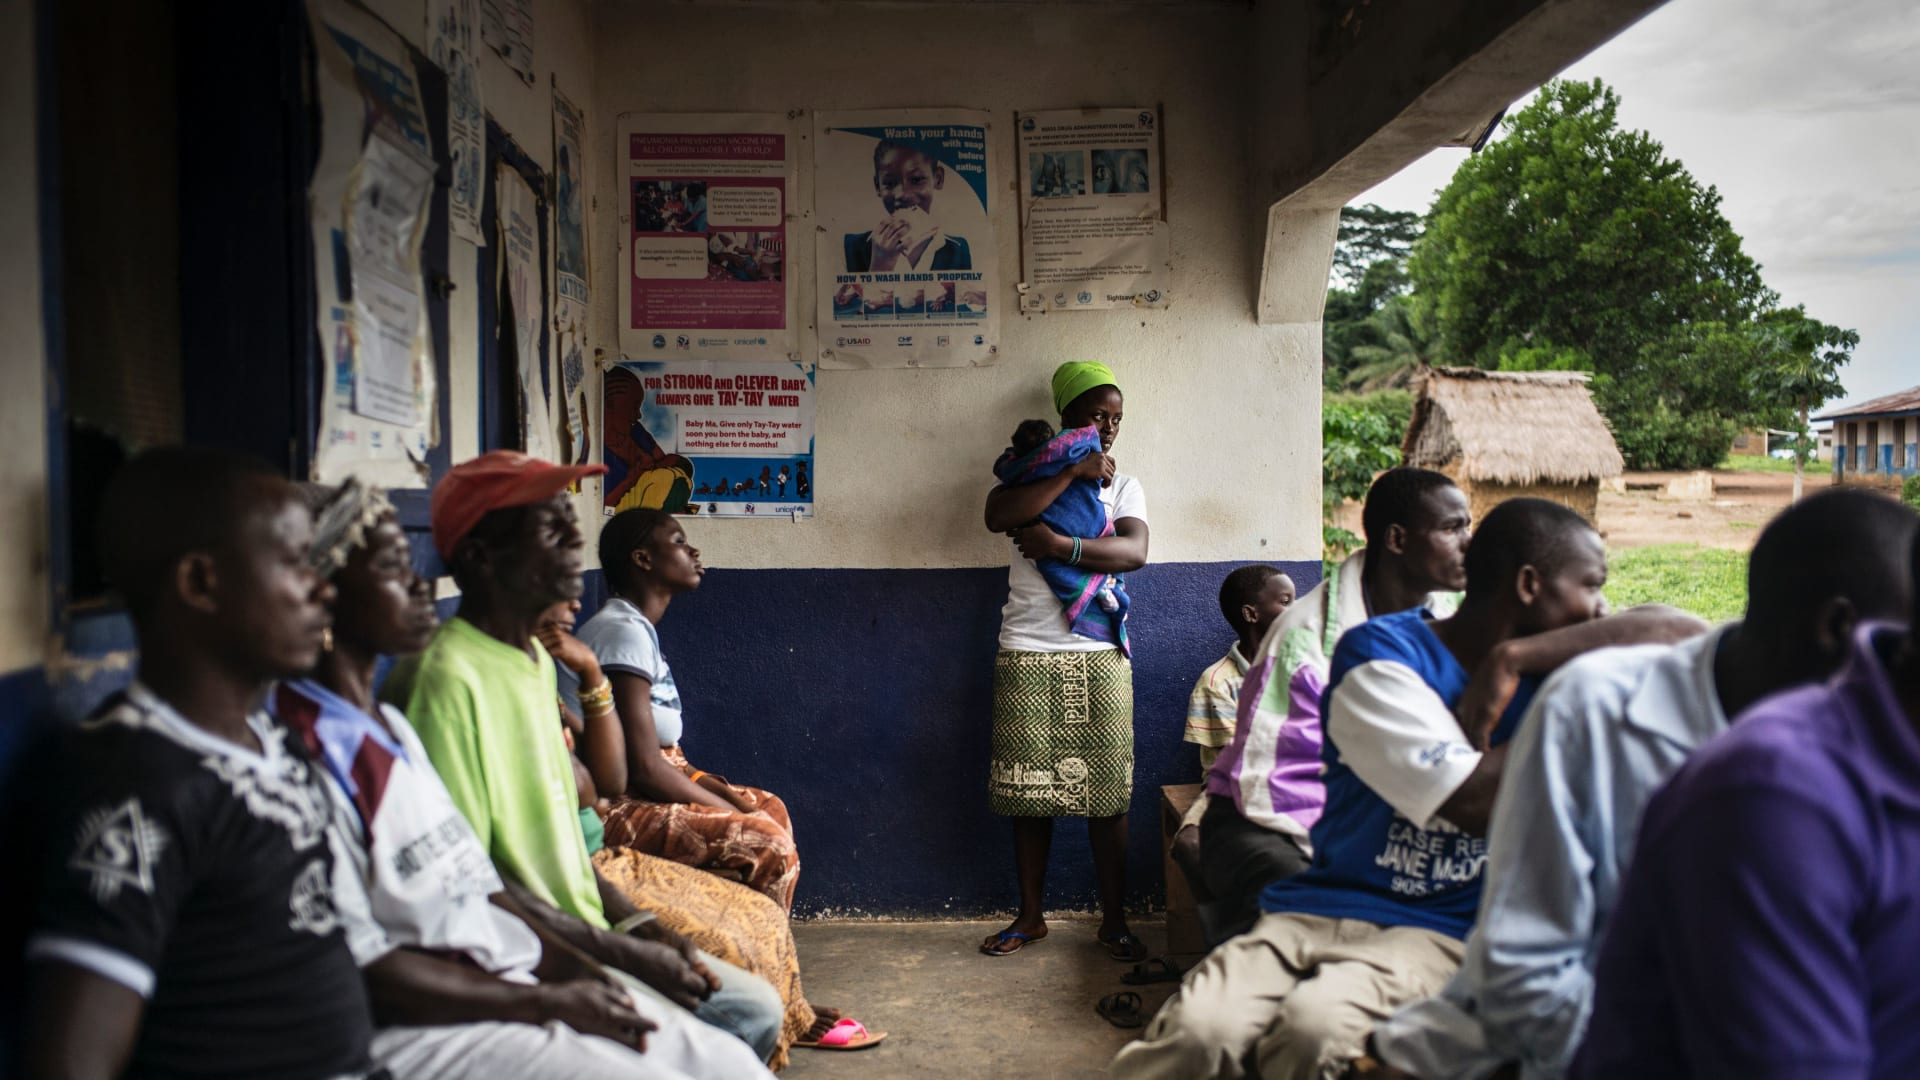 غينيا تعلن تفشي فيروس إيبولا في منطقة واحدة.. والكونغو ترصد المزيد من حالات الوباء